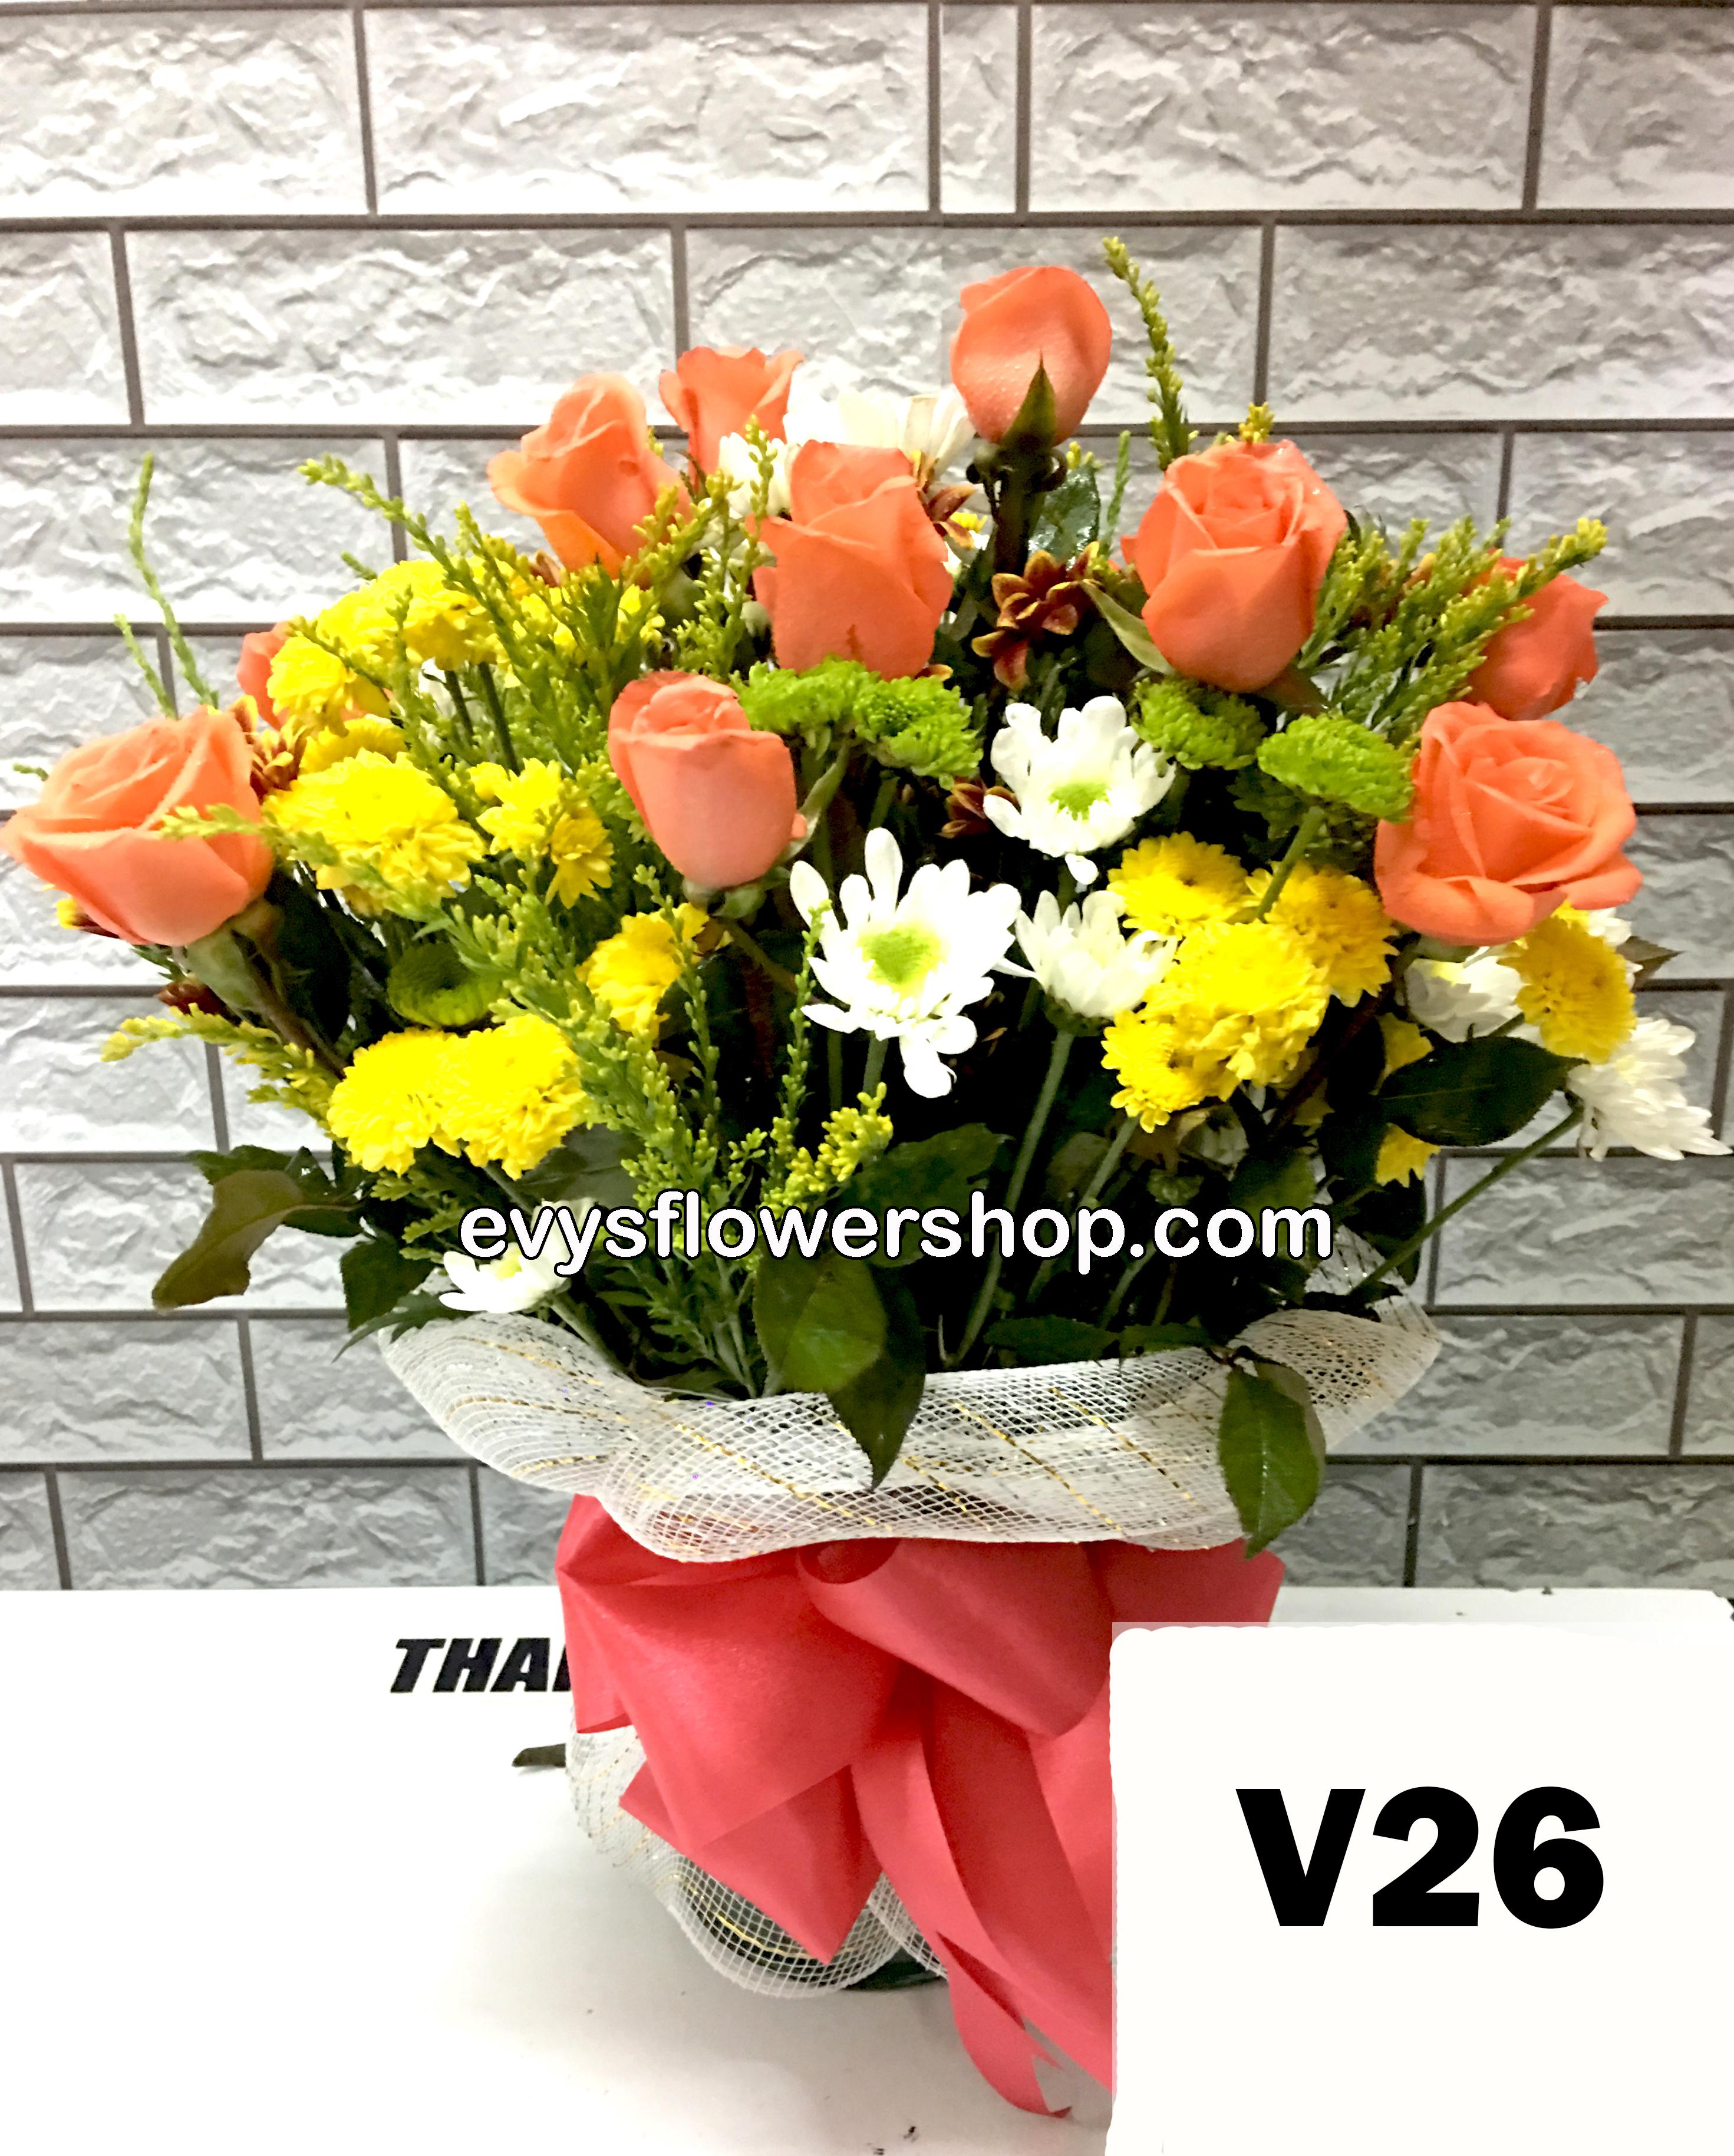 V26 vase of roses roses vase arrangement vase vase of flowers  sc 1 st  Evys Flower Shop & Vase of flowers I Evys Flowershop I FREE delivery I Call 3305174